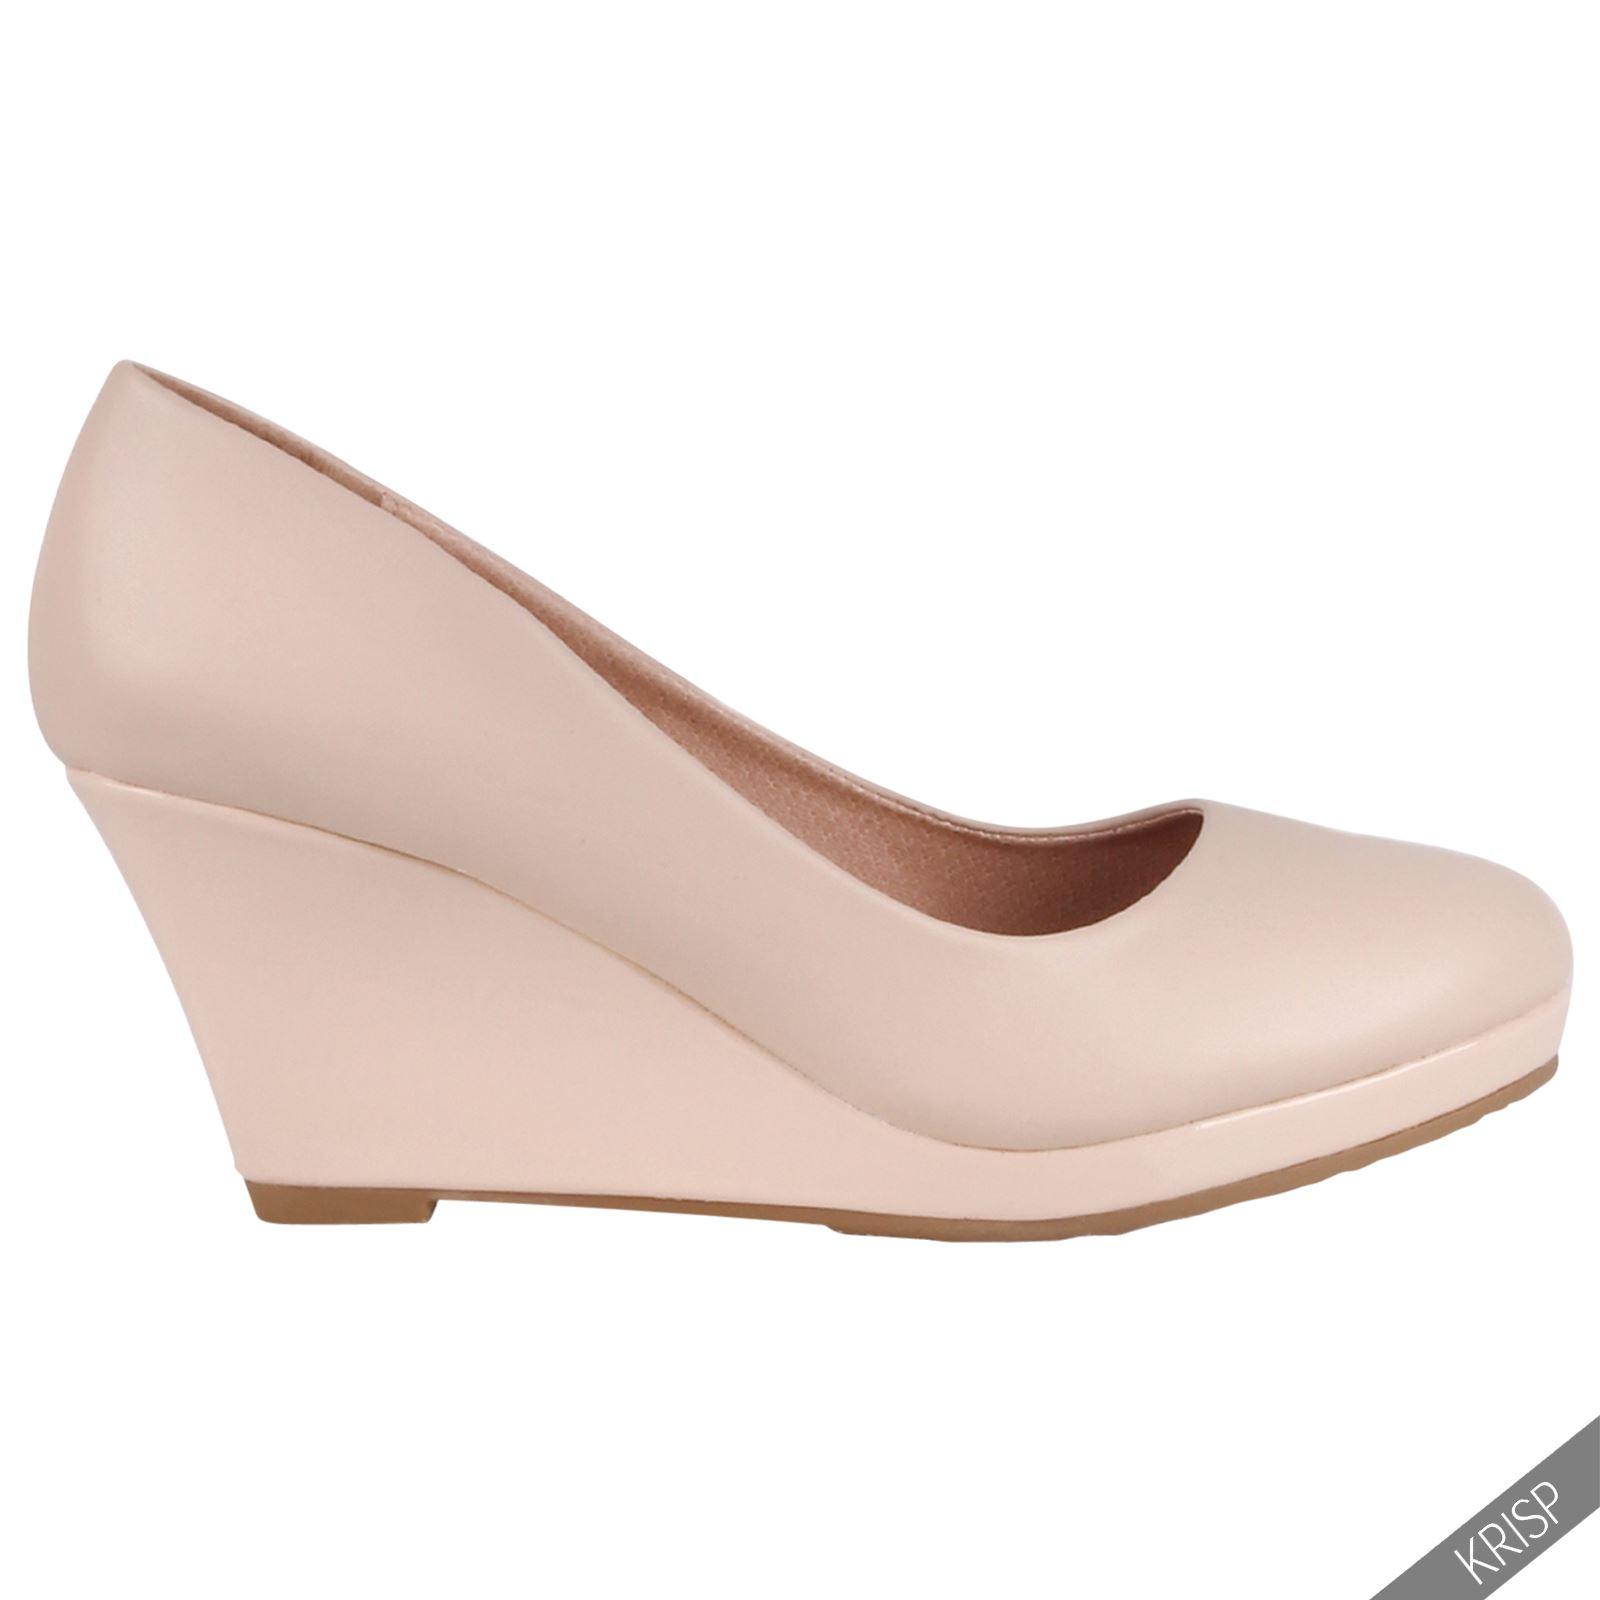 Zapatos mujer tacto piel con tac n cu a de charol dise o for Diseno de zapatos